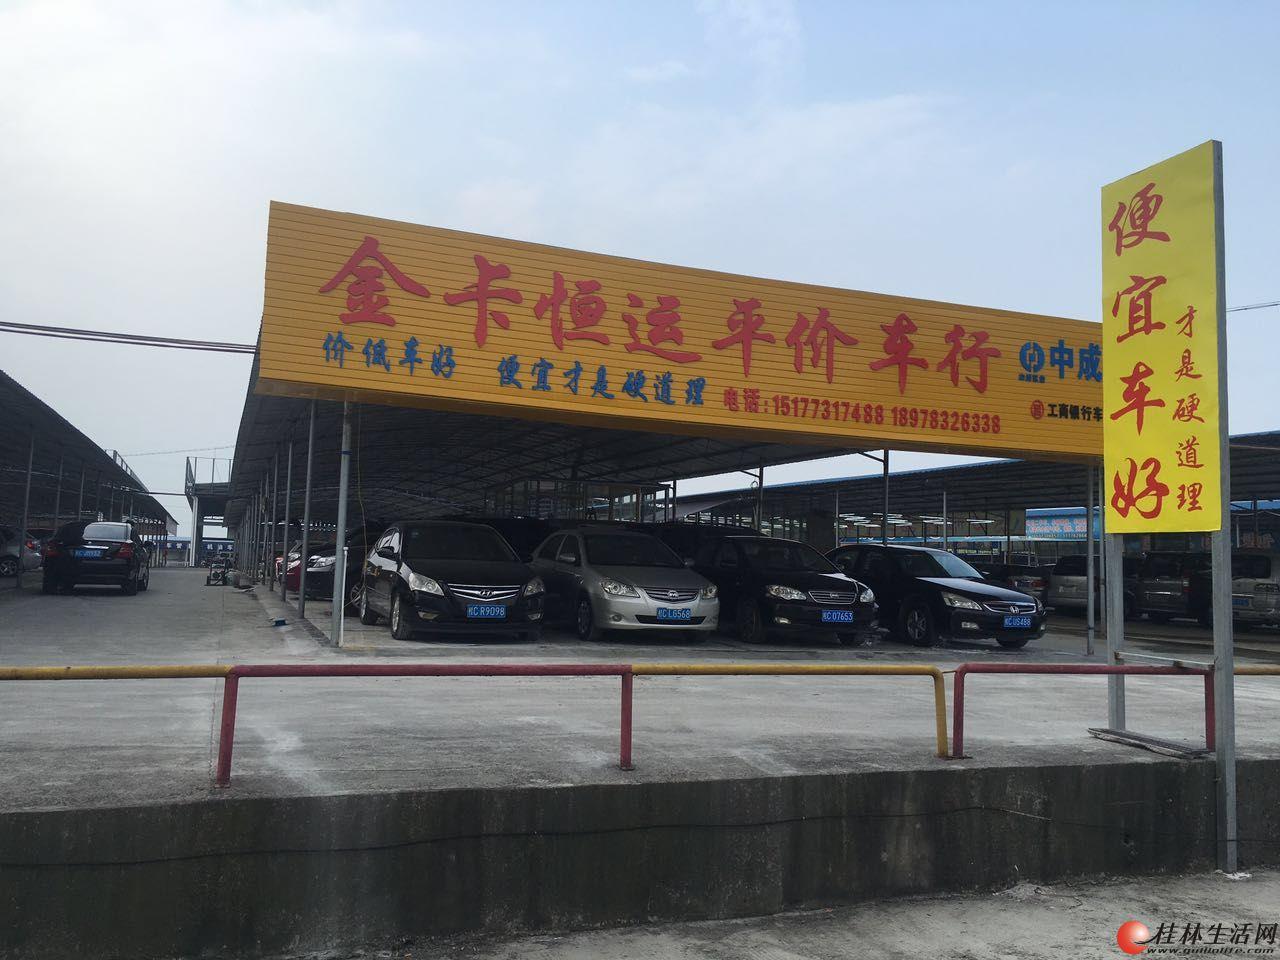 【金卡恒运平价车行】【本车行服务宗旨:便宜、车好、才是硬道理】